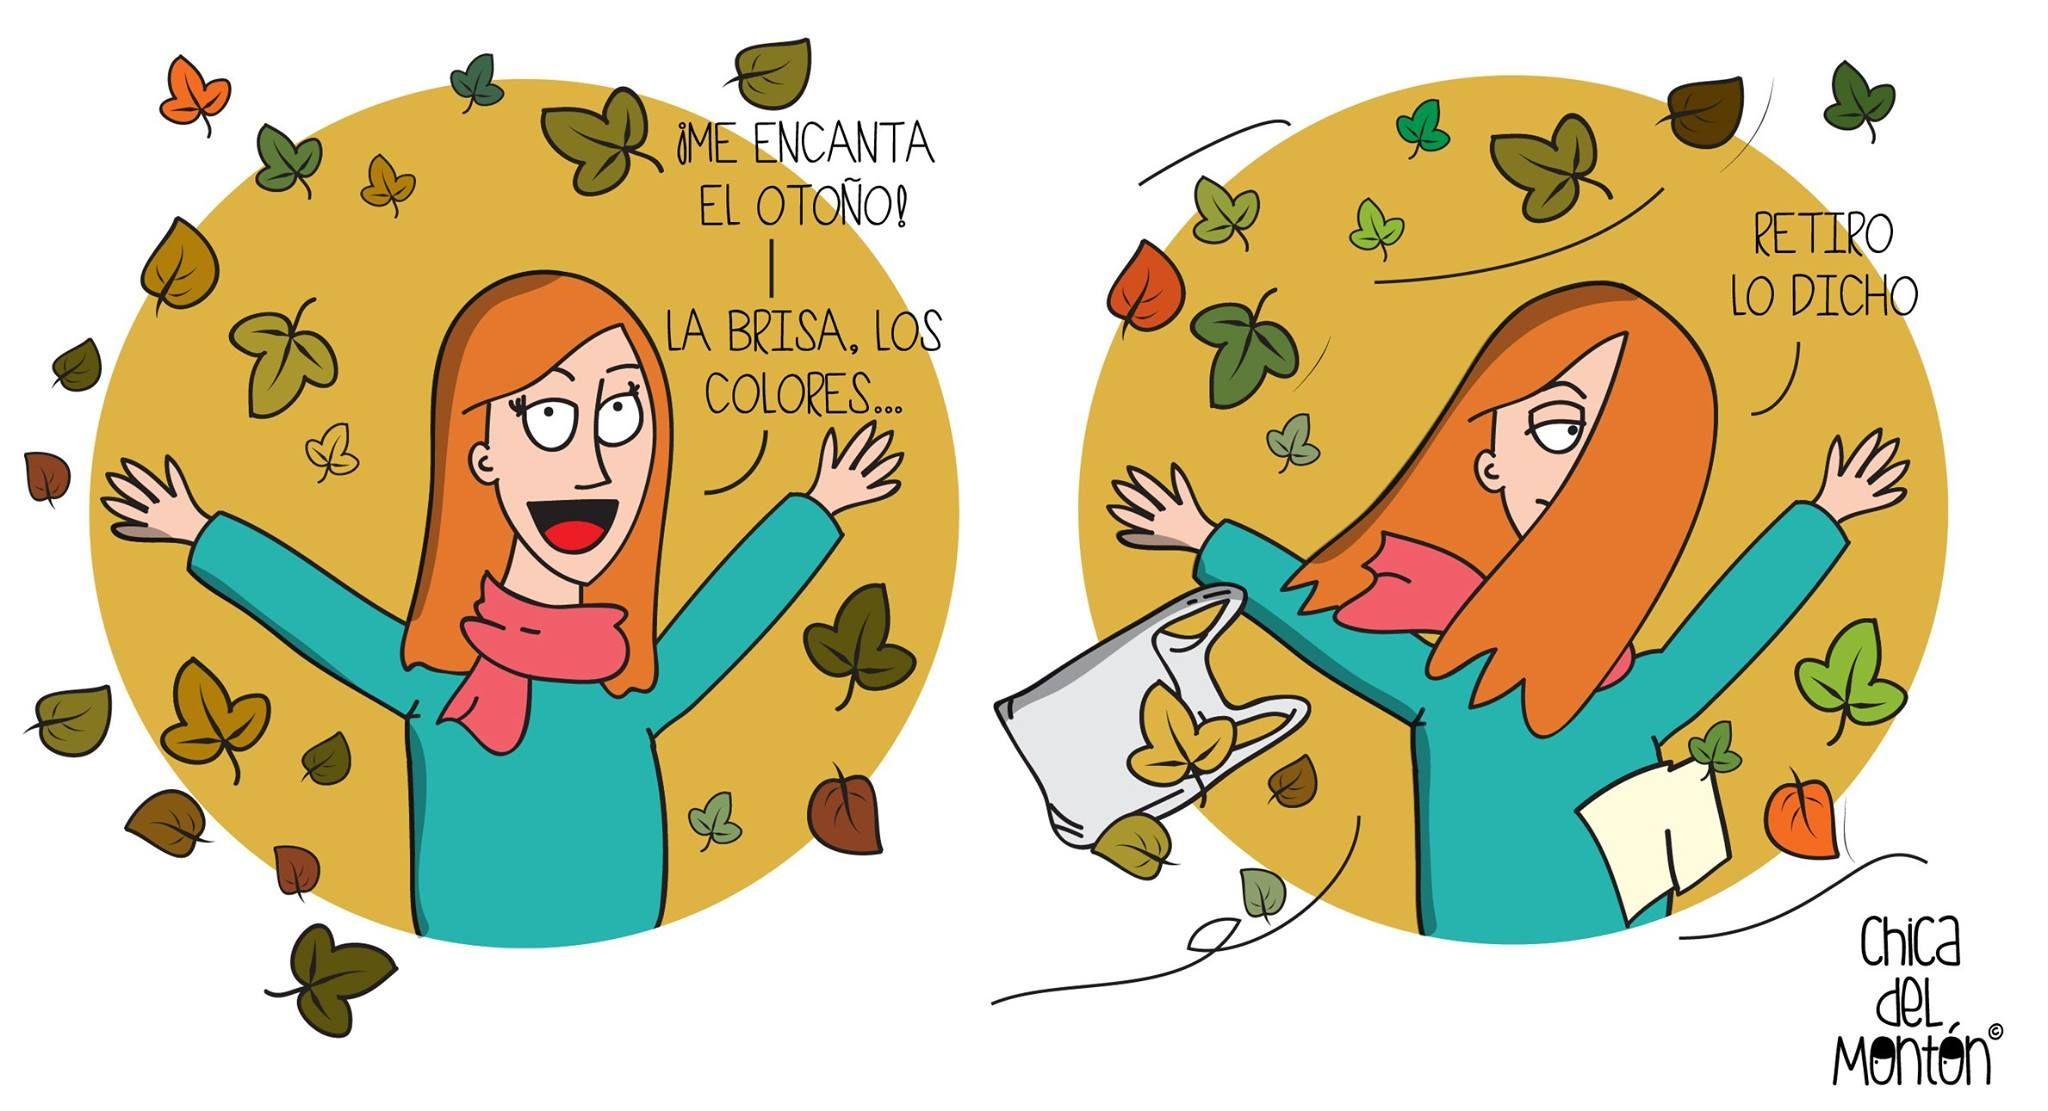 El otoño ya está aquí. ¡Y me encanta! (en ocasiones). © Todos los Derechos Reservados